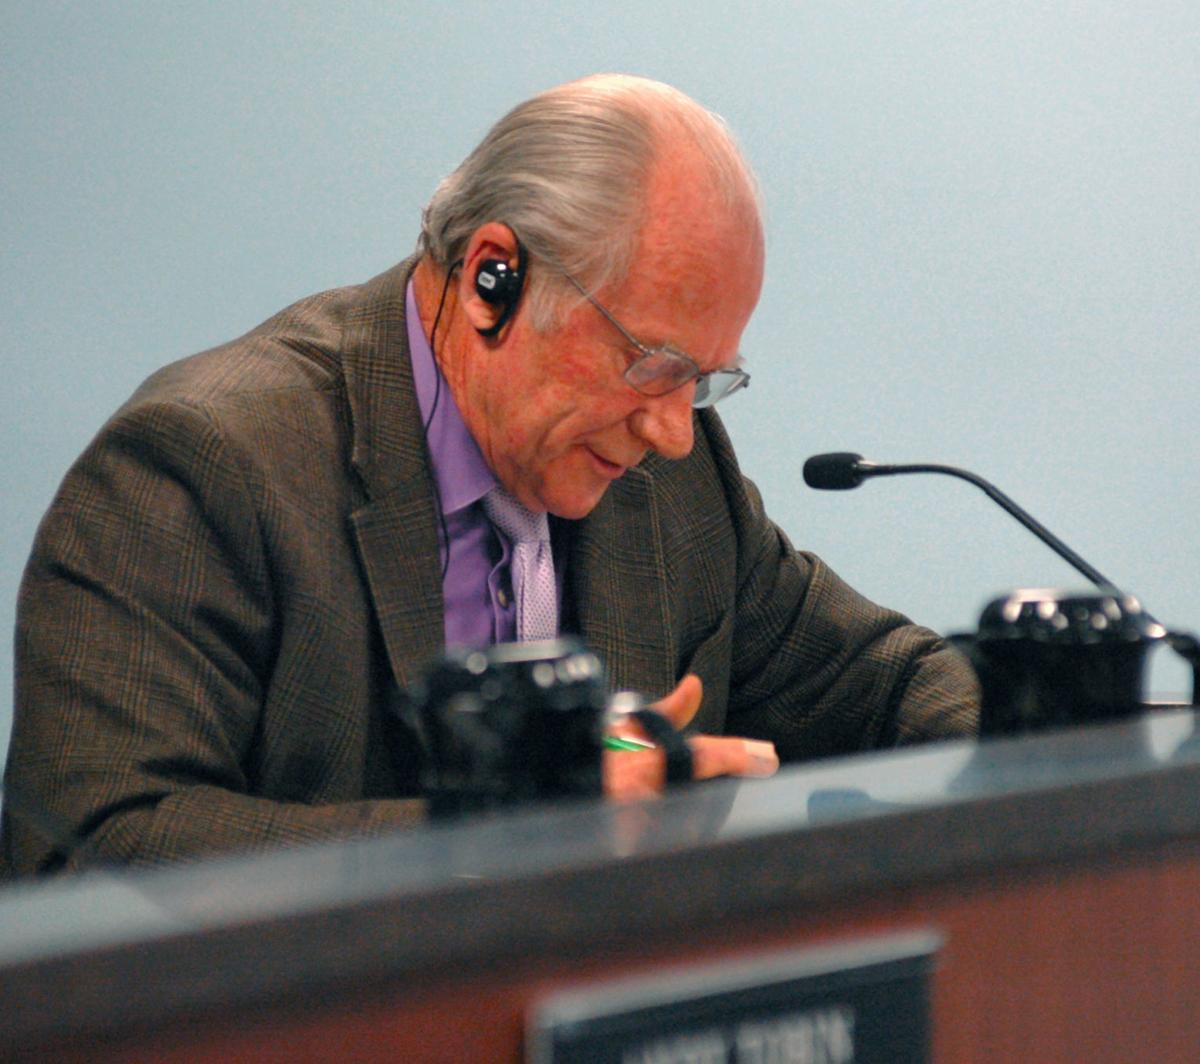 Commissioner Bob Burns